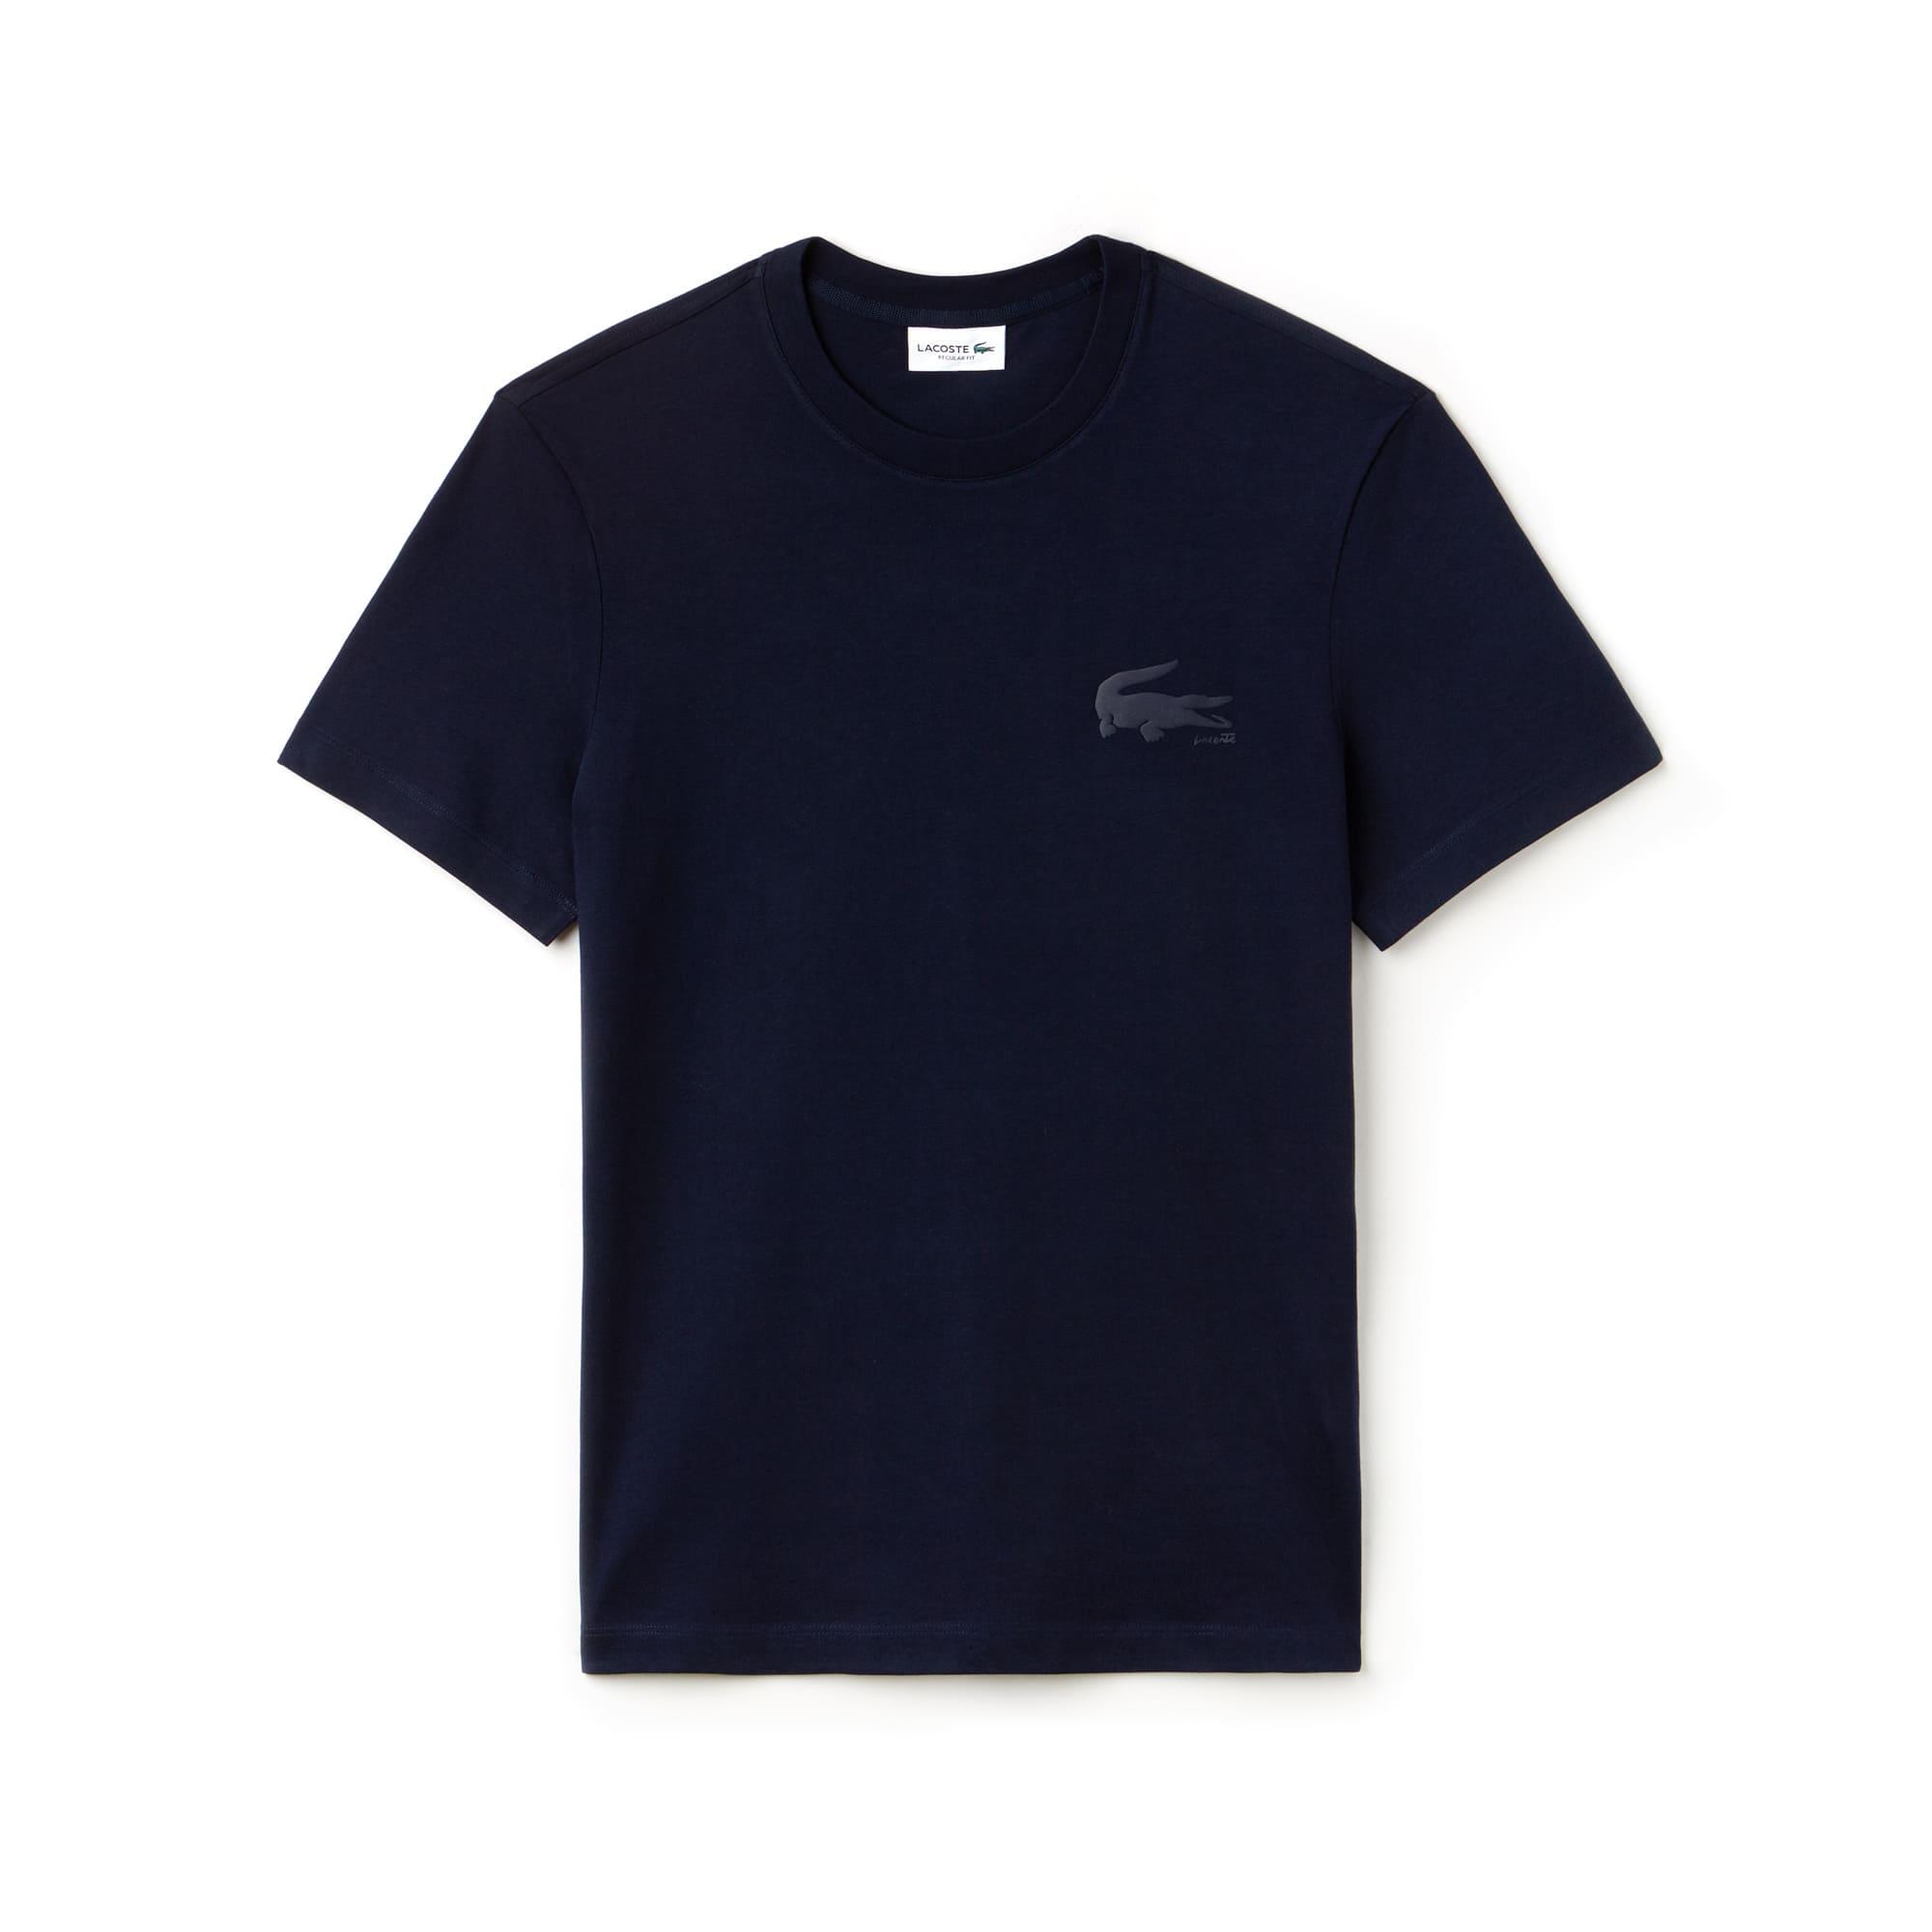 Camiseta de cuello redondo de punto jersey de algodón liso con marcado cocodrilo